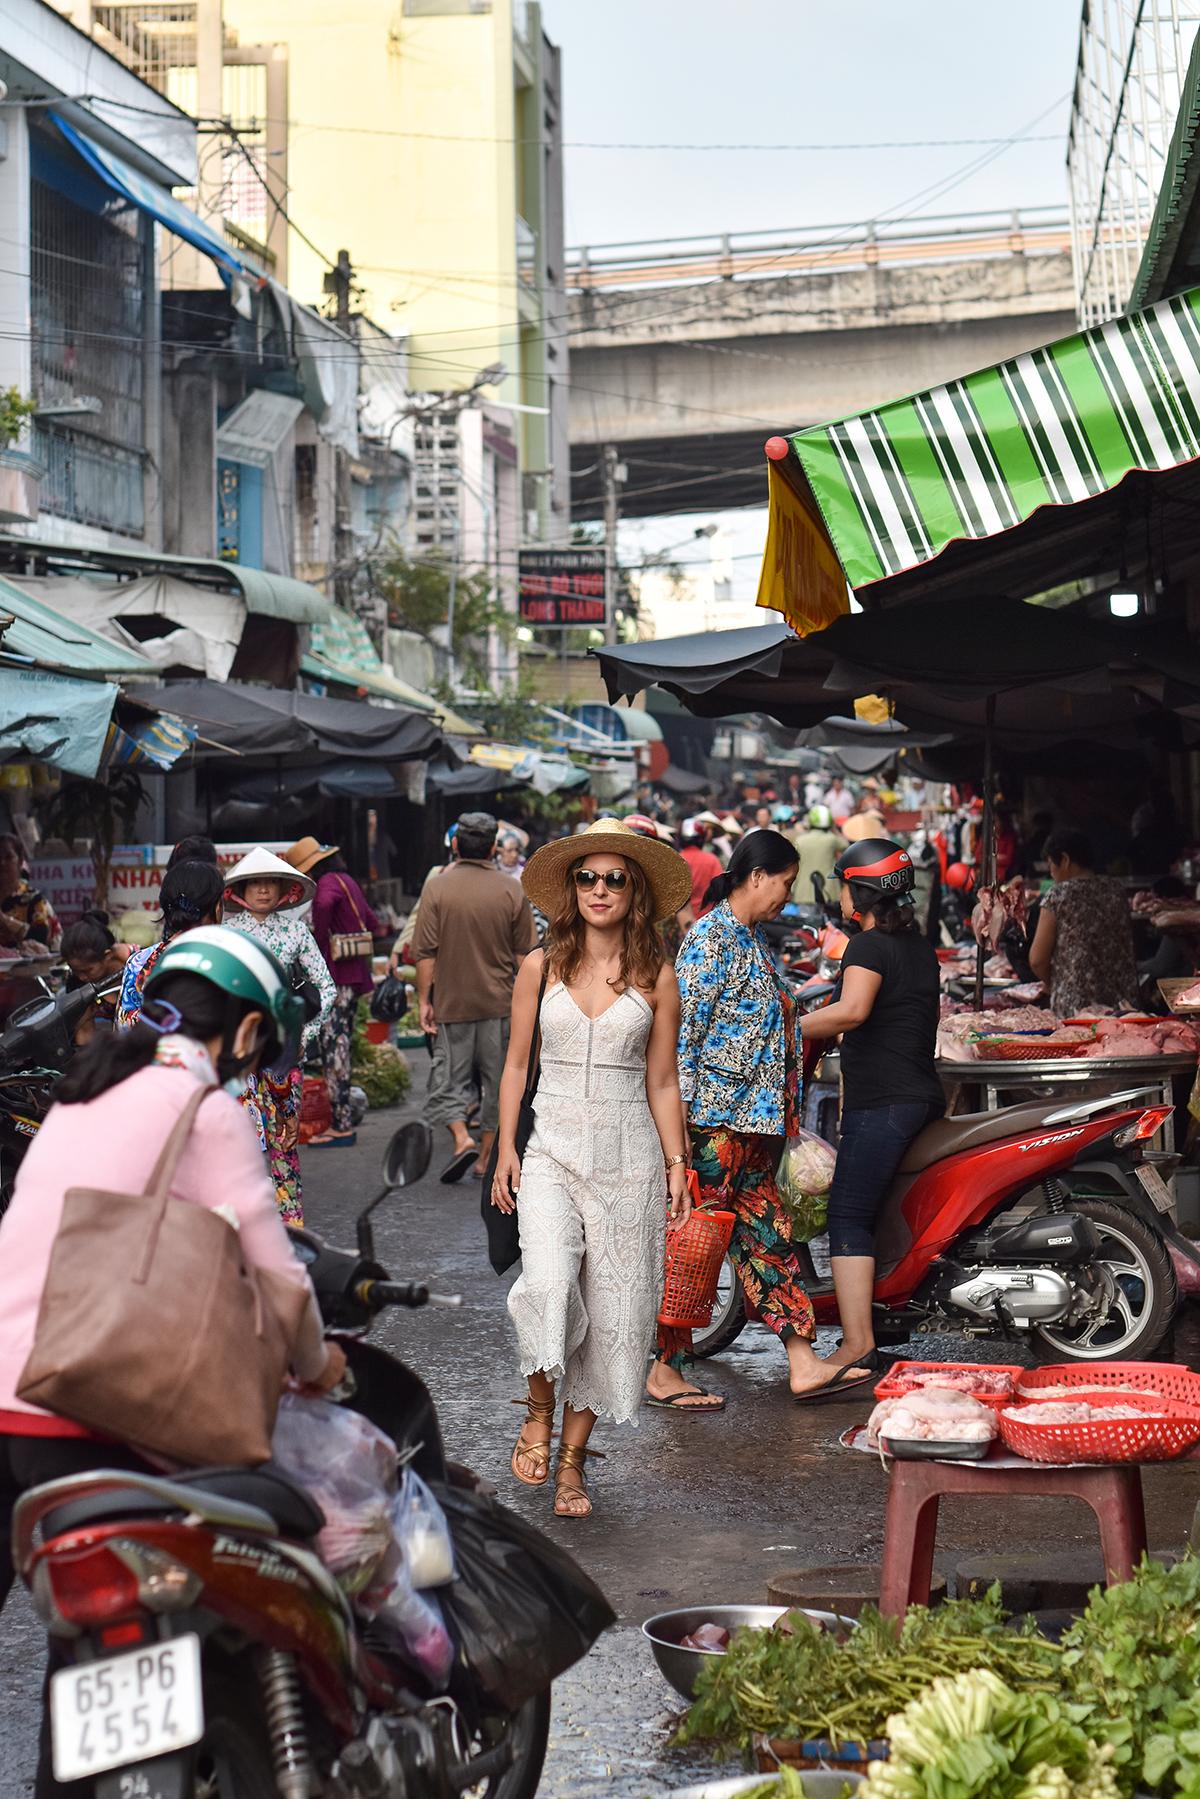 Helloitsvalentine MarcheFlottant CaiRang CanTho DeltaduMekong 28 - Quelques jours au Vietnam – Le marché flottant de Cai Rang à Can Tho sur le Delta du Mékong